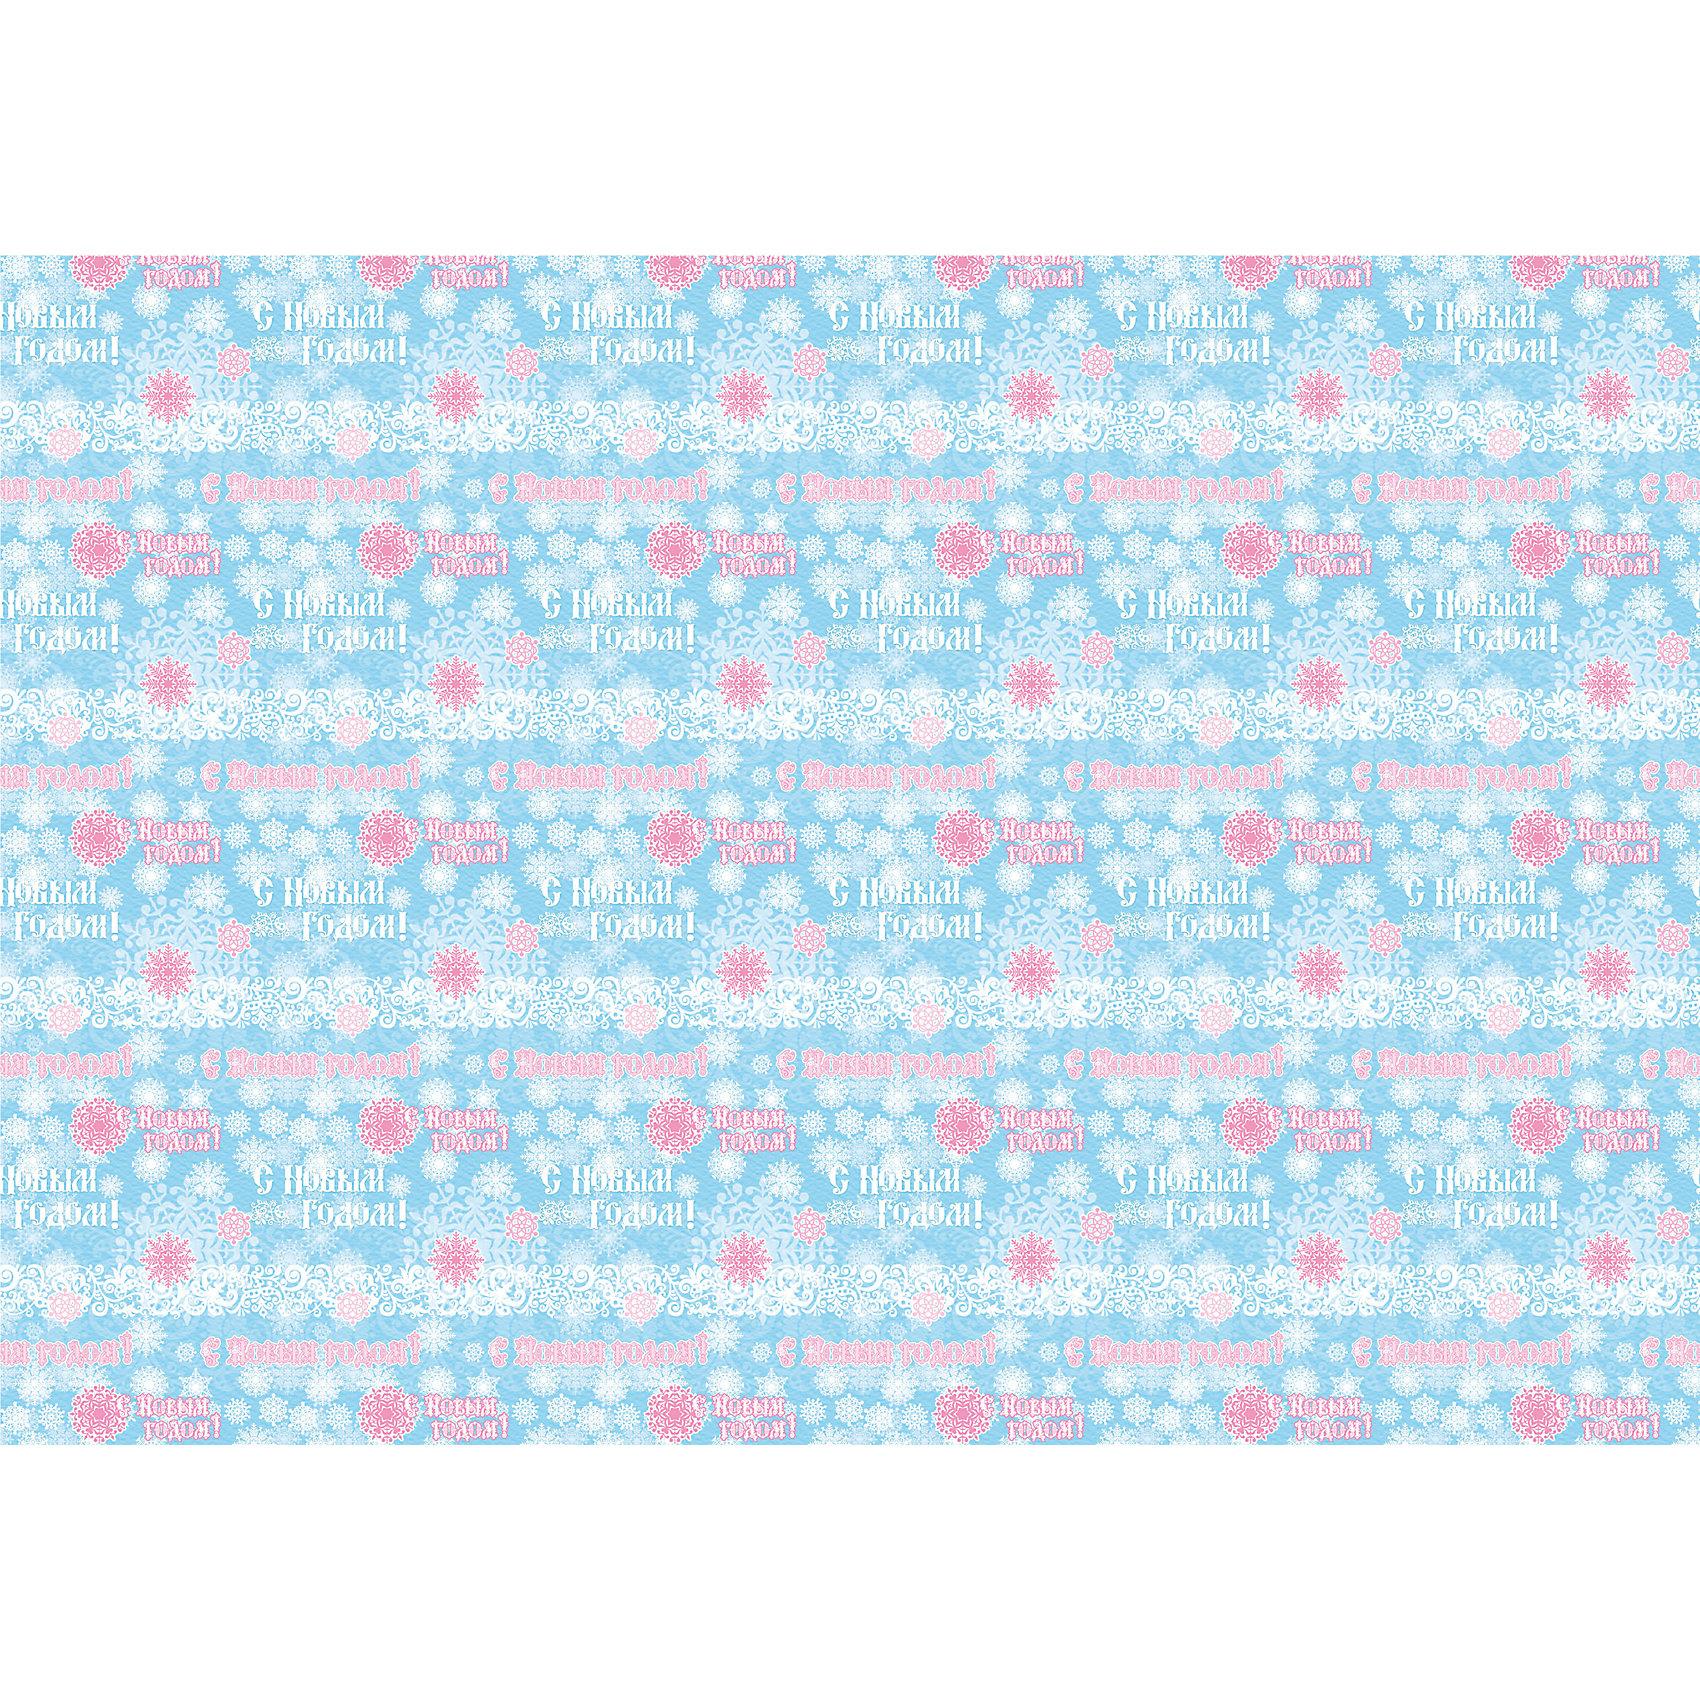 Новогодняя упаковочная бумага в рулонах Розовые снежинки, полноцветная 100x70смВсё для праздника<br>Характеристики товара:<br><br>• размер: 100х70 мм<br>• комплектация: 1 шт<br>• материал: бумага<br>• с орнаментом<br>• страна производства: Китай<br><br>Подарки в красивых упаковках - неотъемлемая часть приятных новогодних ритуалов! Эта подарочная бумага будет отлично смотреться в под ёлкой, она качественно выполнена и нарядно выглядит благодаря яркому рисунку. С такой упаковкой подарок будет и дарить и принимать приятнее! Продаётся в листах размером 100х70 сантиметров.<br>Такие небольшие детали и создают праздник! От них во многом зависит хорошее новогоднее настроение. Изделие производится из качественных сертифицированных материалов, безопасных даже для самых маленьких.<br><br>Новогоднюю упаковочную бумагу в рулонах Розовые снежинки, полноцветная 100x70см можно купить в нашем интернет-магазине.<br><br>Ширина мм: 700<br>Глубина мм: 1000<br>Высота мм: 20<br>Вес г: 300<br>Возраст от месяцев: 72<br>Возраст до месяцев: 480<br>Пол: Унисекс<br>Возраст: Детский<br>SKU: 5051708